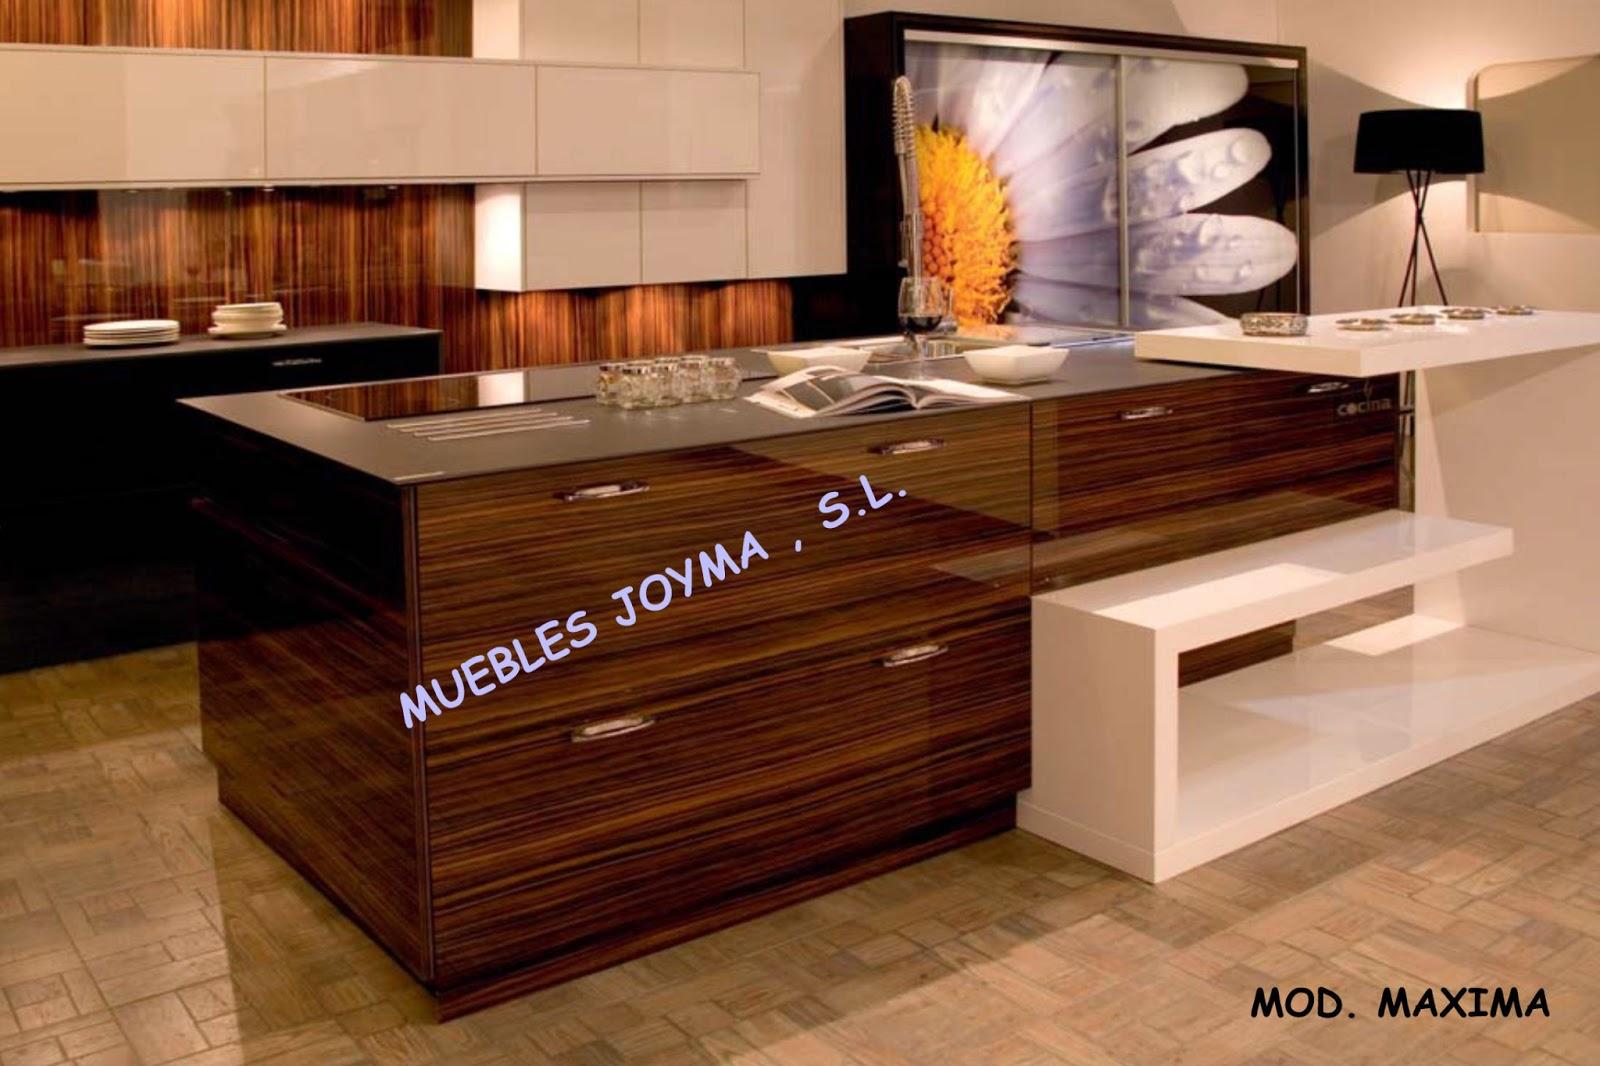 Muebles joyma s l muebles de cocina for Muebles de cocina en l